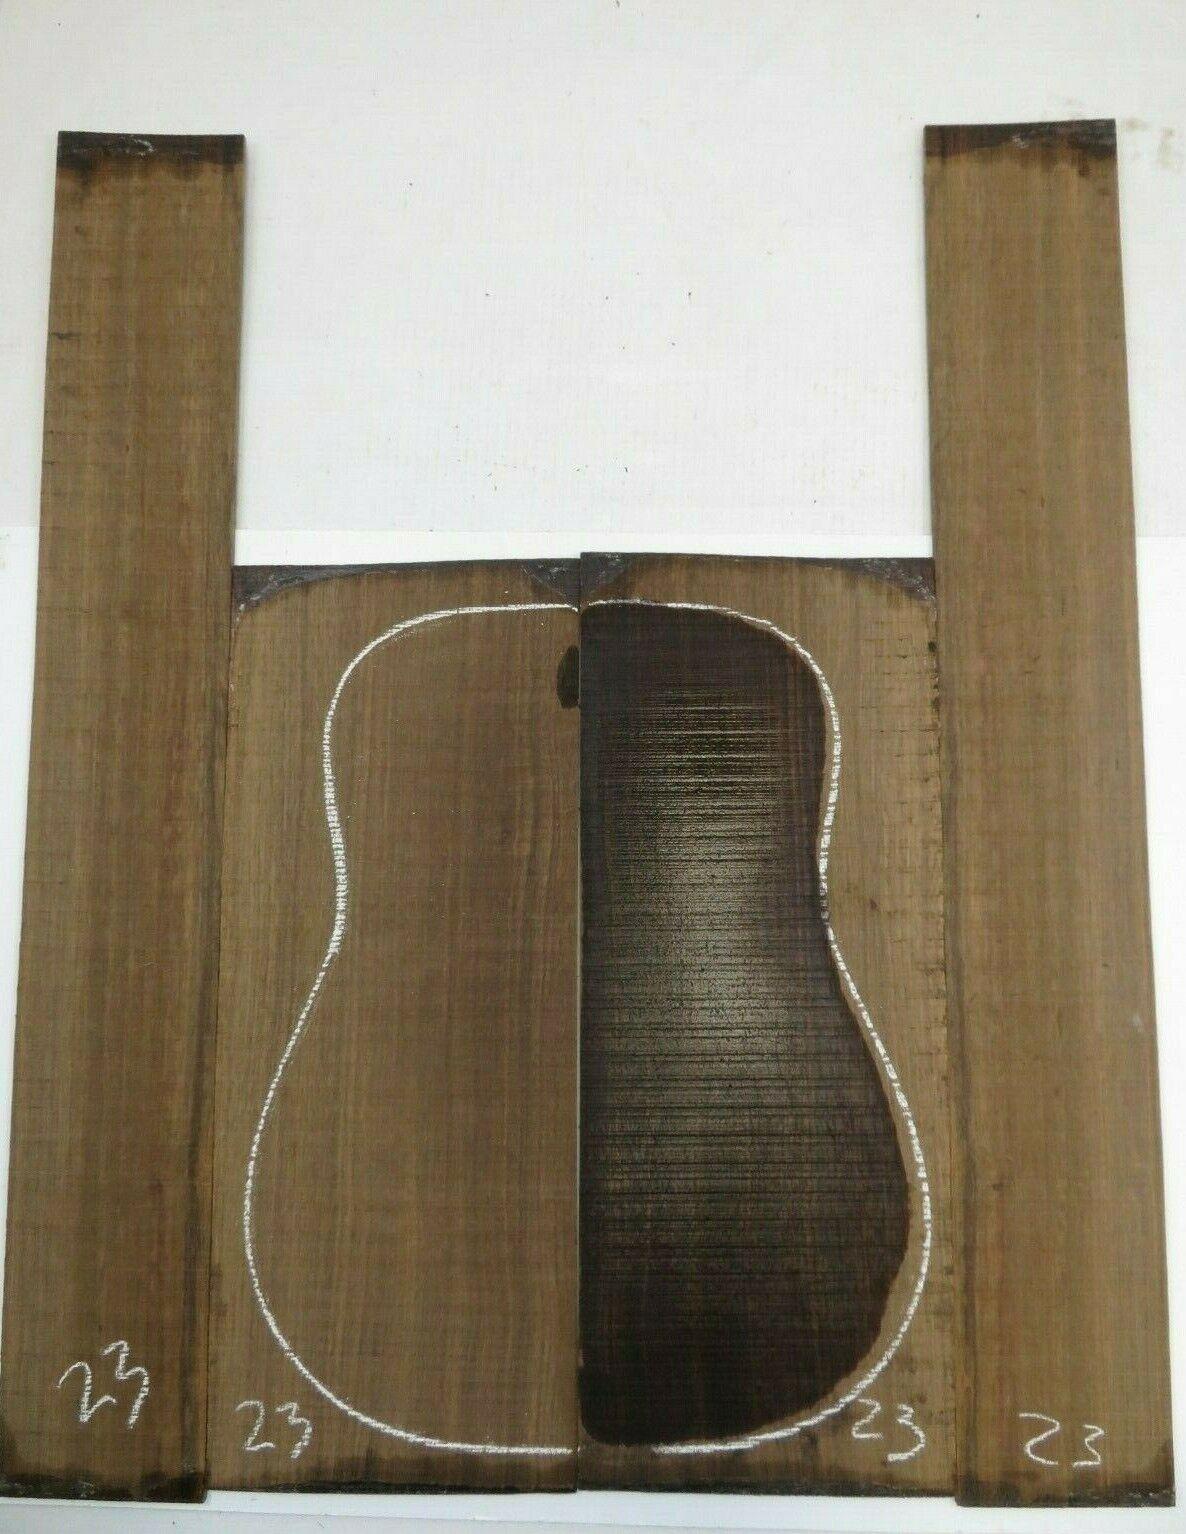 Gitarre Hinten Seite Dreadnought Laural Set AAAA23 Gitarrenbauer Tonewood Buch